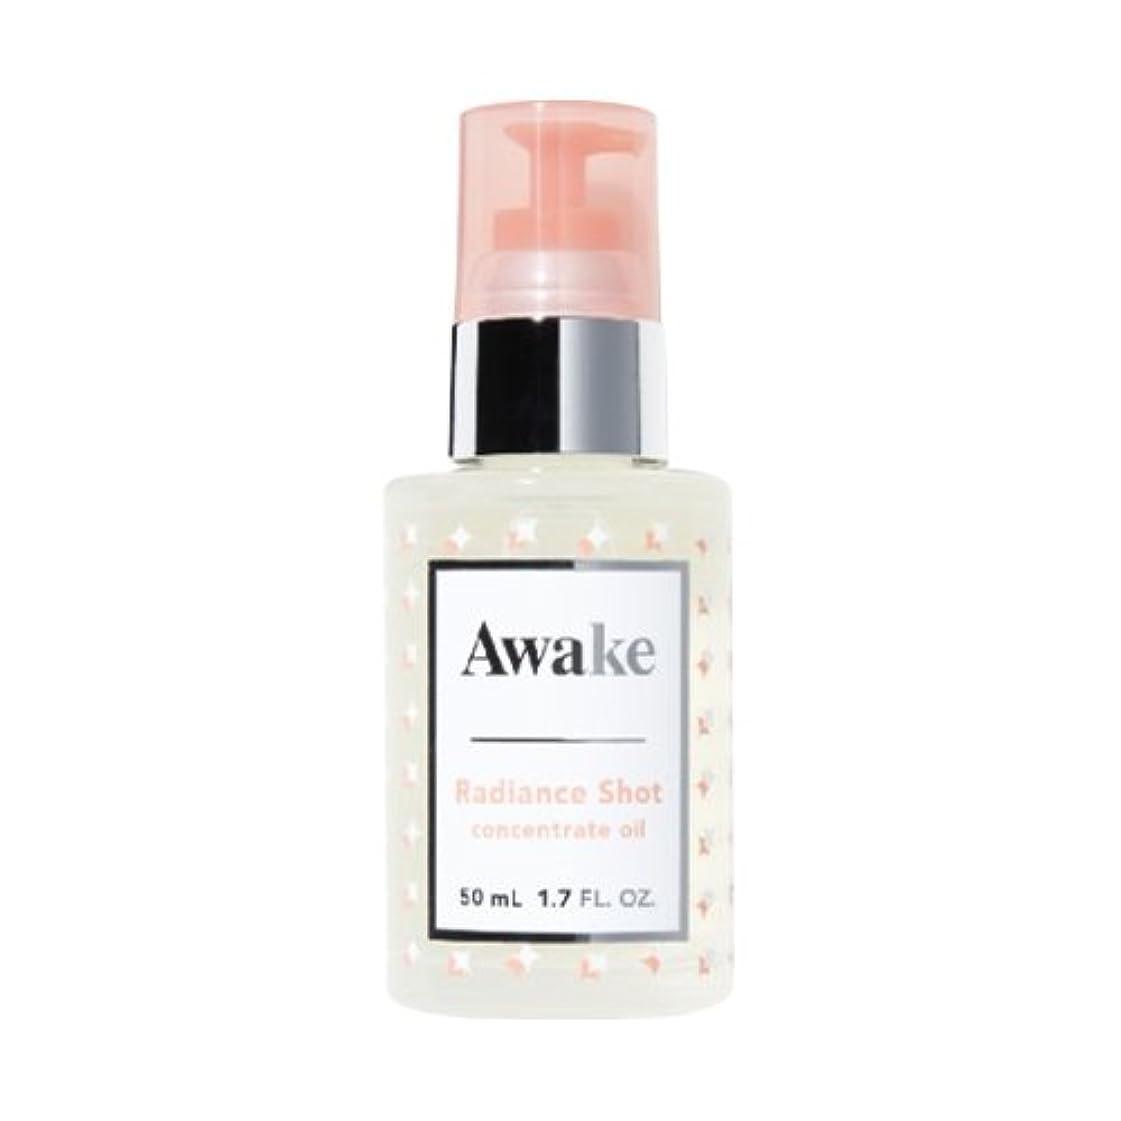 下位ジャンル憂鬱アウェイク(AWAKE) Awake(アウェイク) ラディアンスショット コンセントレイトオイル 〈美容オイル〉 (50mL)